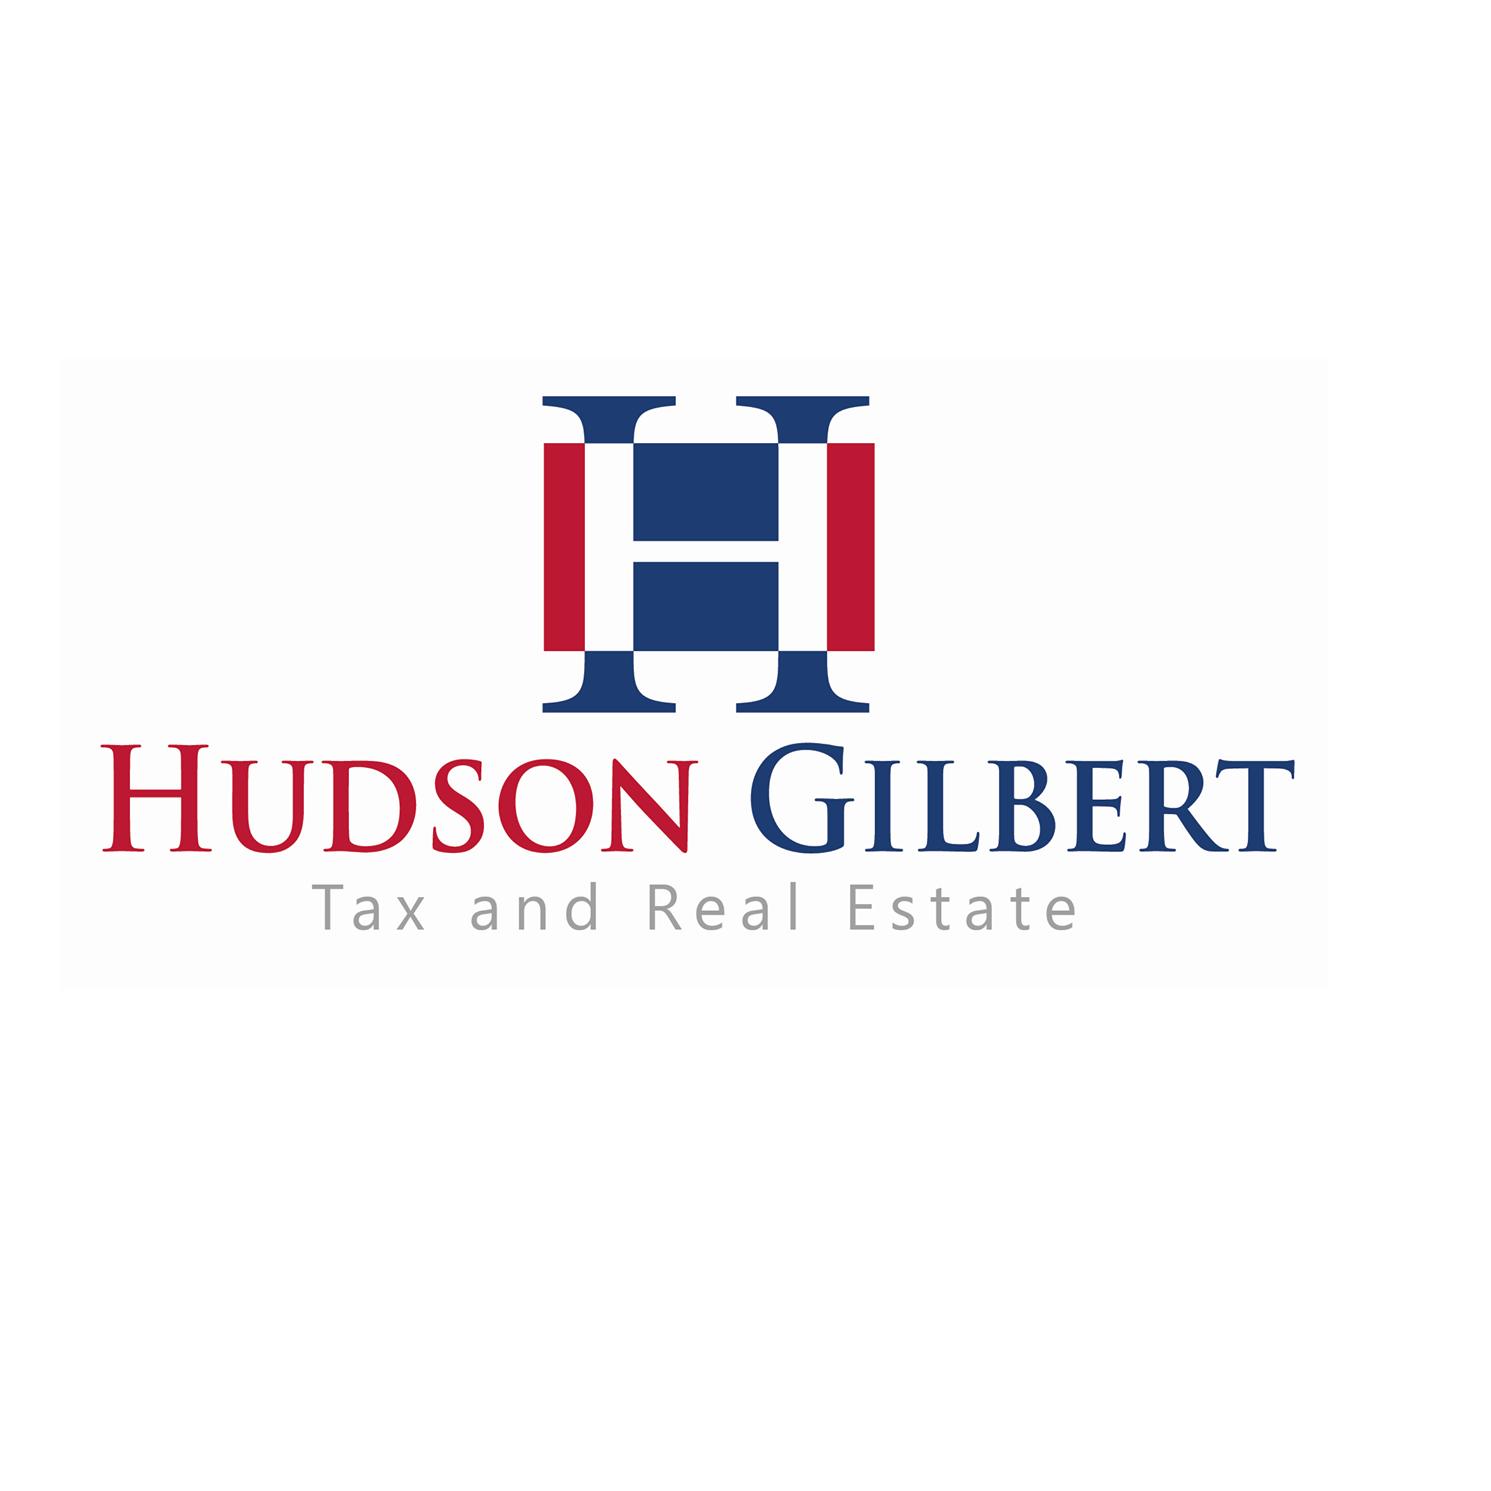 Hudson Gilbert Associate Broker Bertram Babb image 6